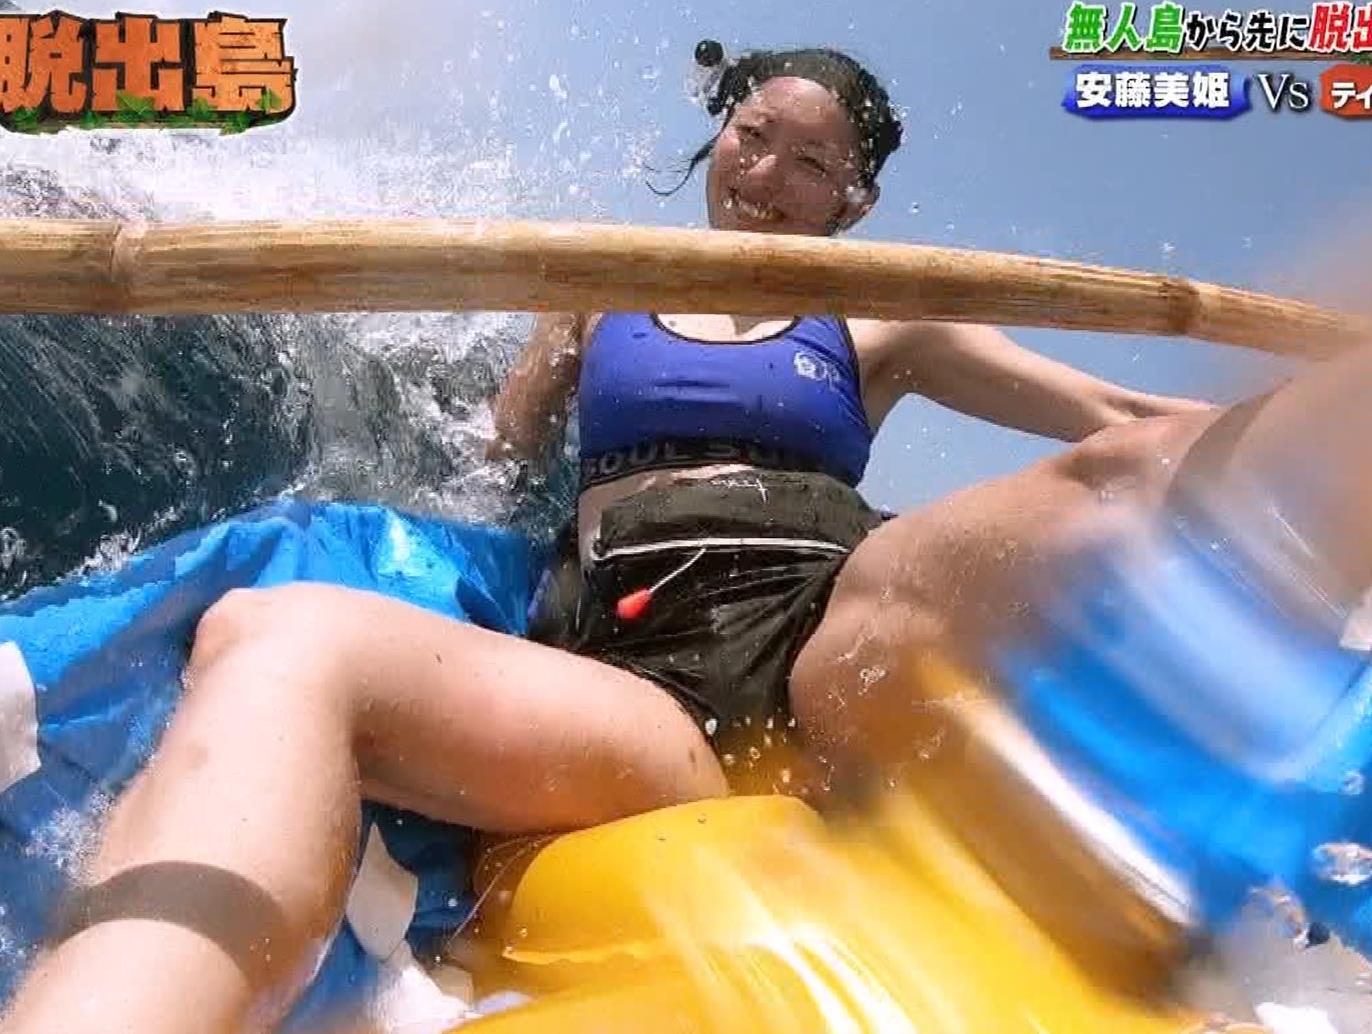 安藤美姫 大開脚股間とか柔らかそうなおっぱいの谷間のアップとか!キャプ・エロ画像